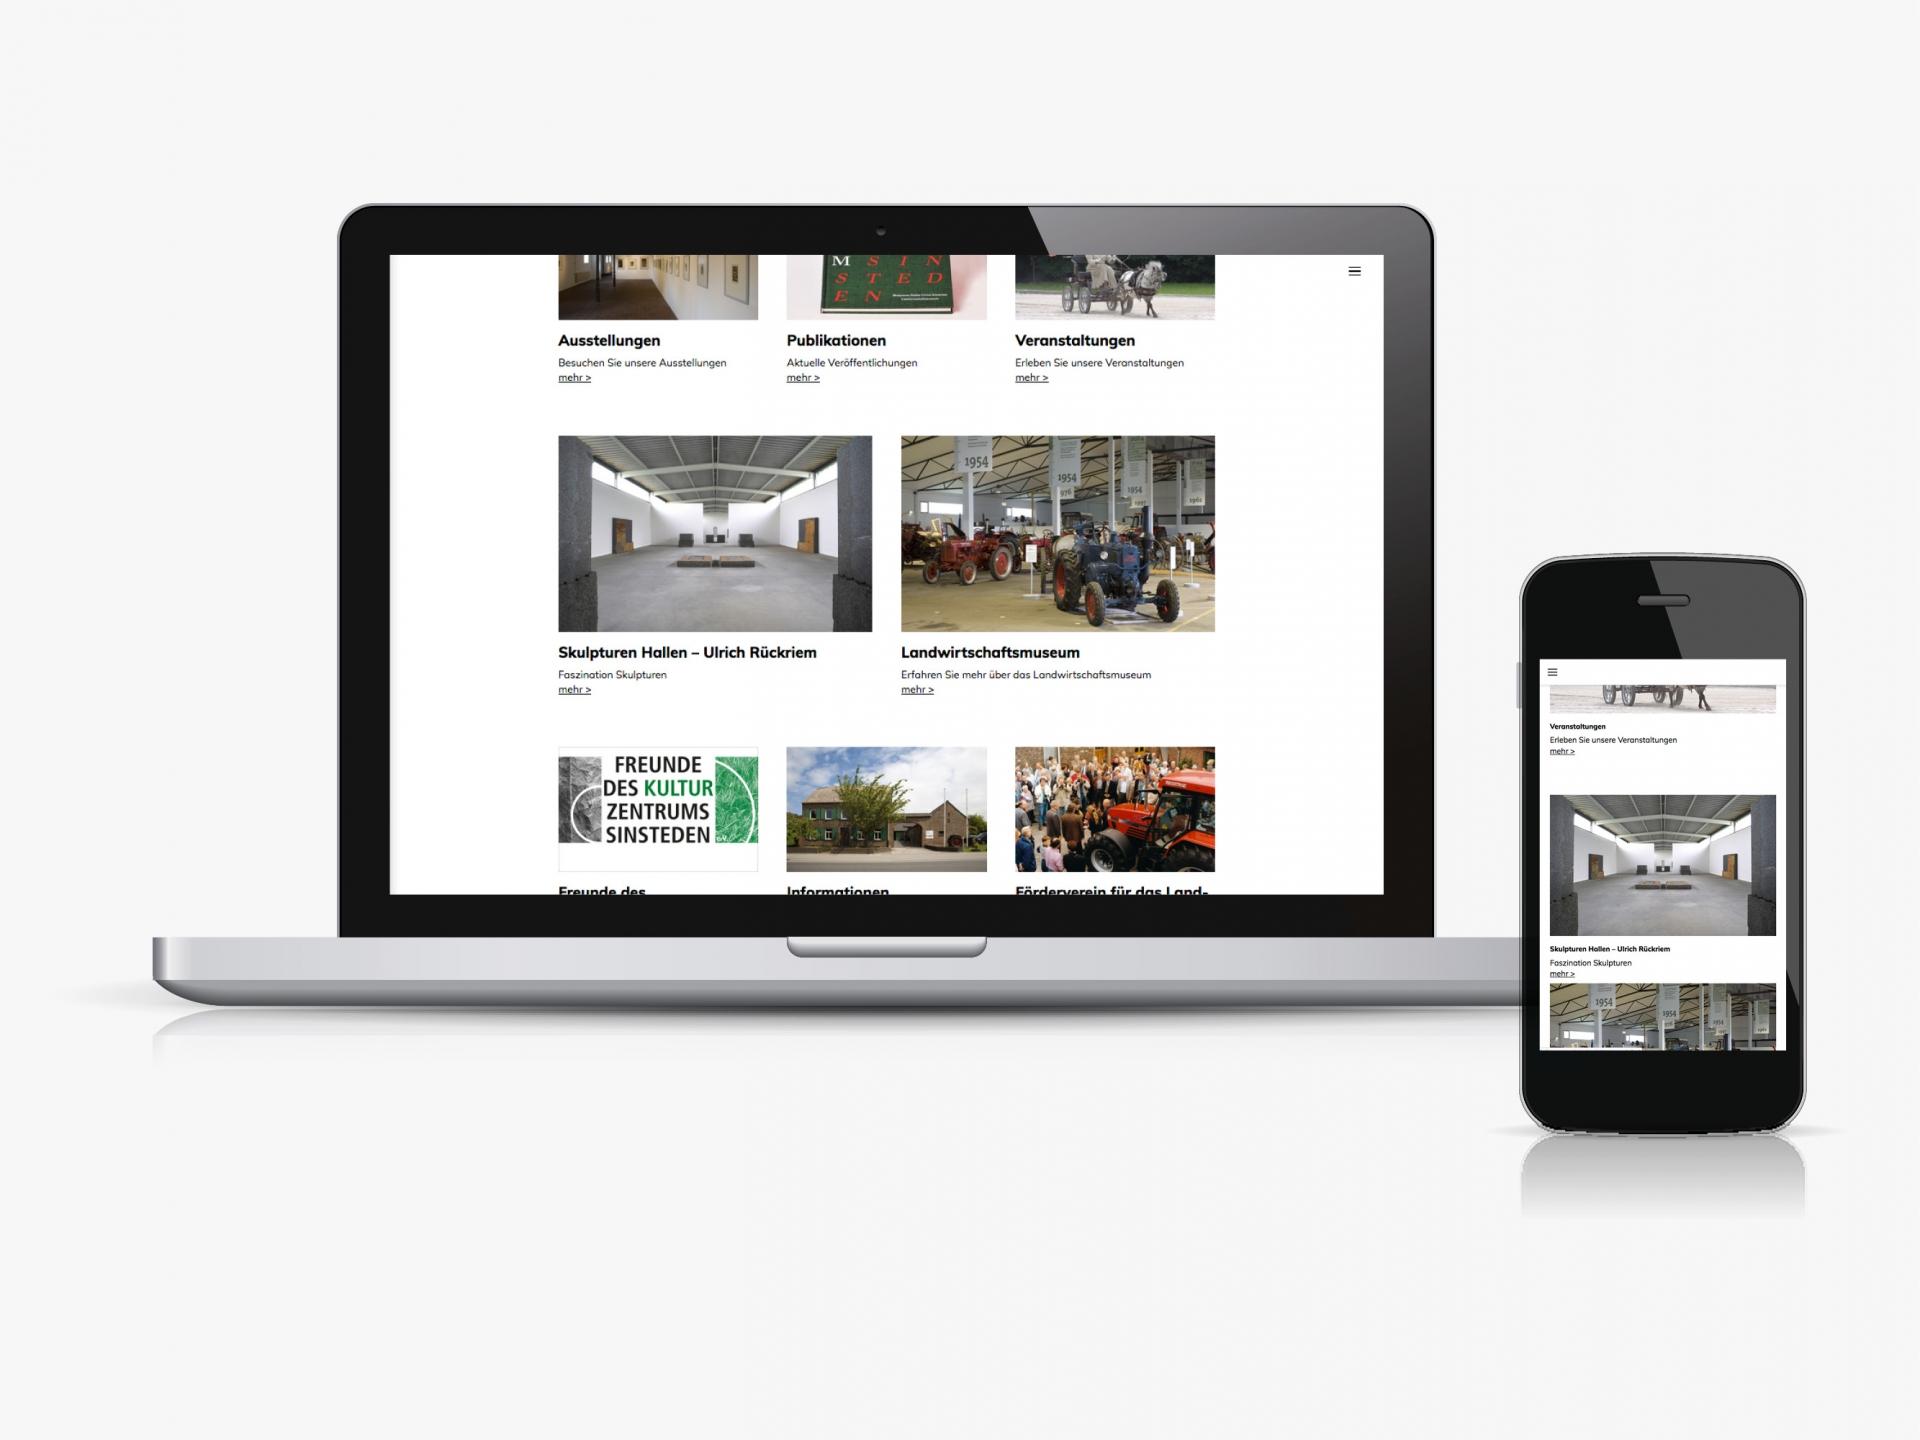 Jens Mittelsdorf - Büro für Gestaltung Kulturzentrum Sinsteden → Webdesign, Art Direction